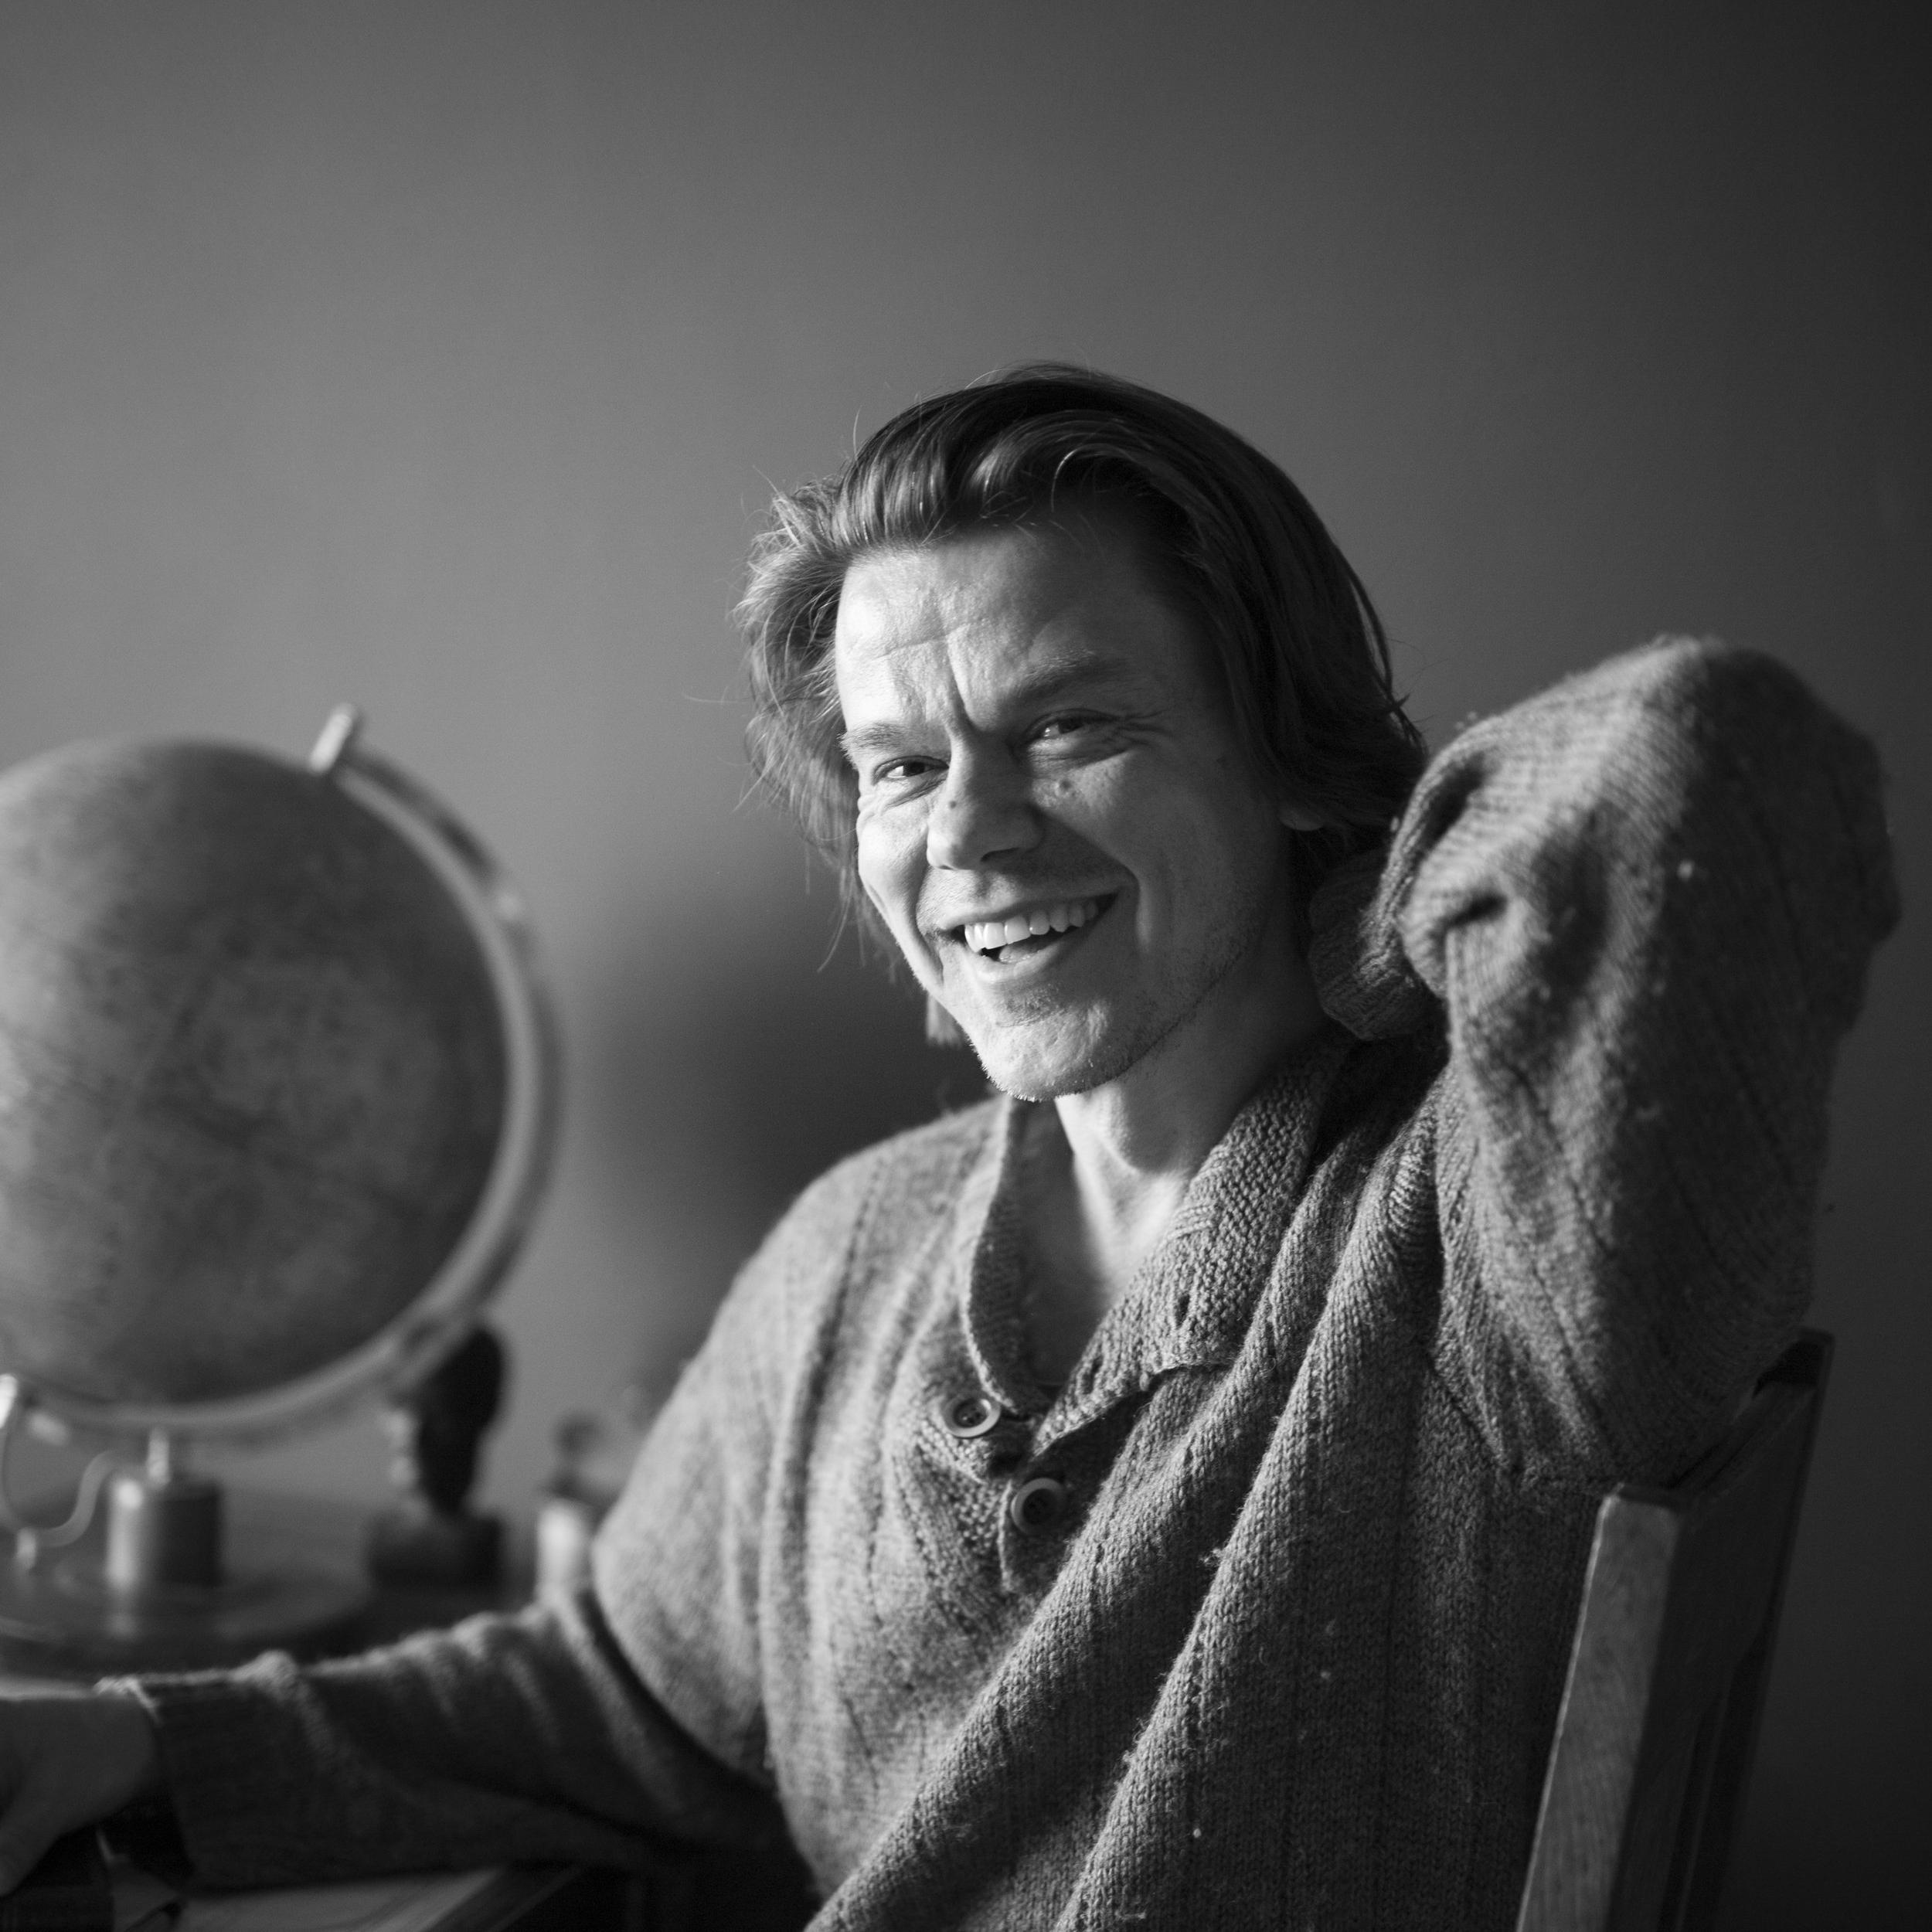 Pete Suhonen  on kolmen pojan isä, kirjailija ja vapaa toimittaja. Häneltä on aiemmin ilmestynyt kolme romaania, joista viimeisin oli Nuori Aleksis -palkintoehdokkaana.     Arvostelukappaleet ja haastattelut  >  heini.salminen@kosmoskirjat.fi